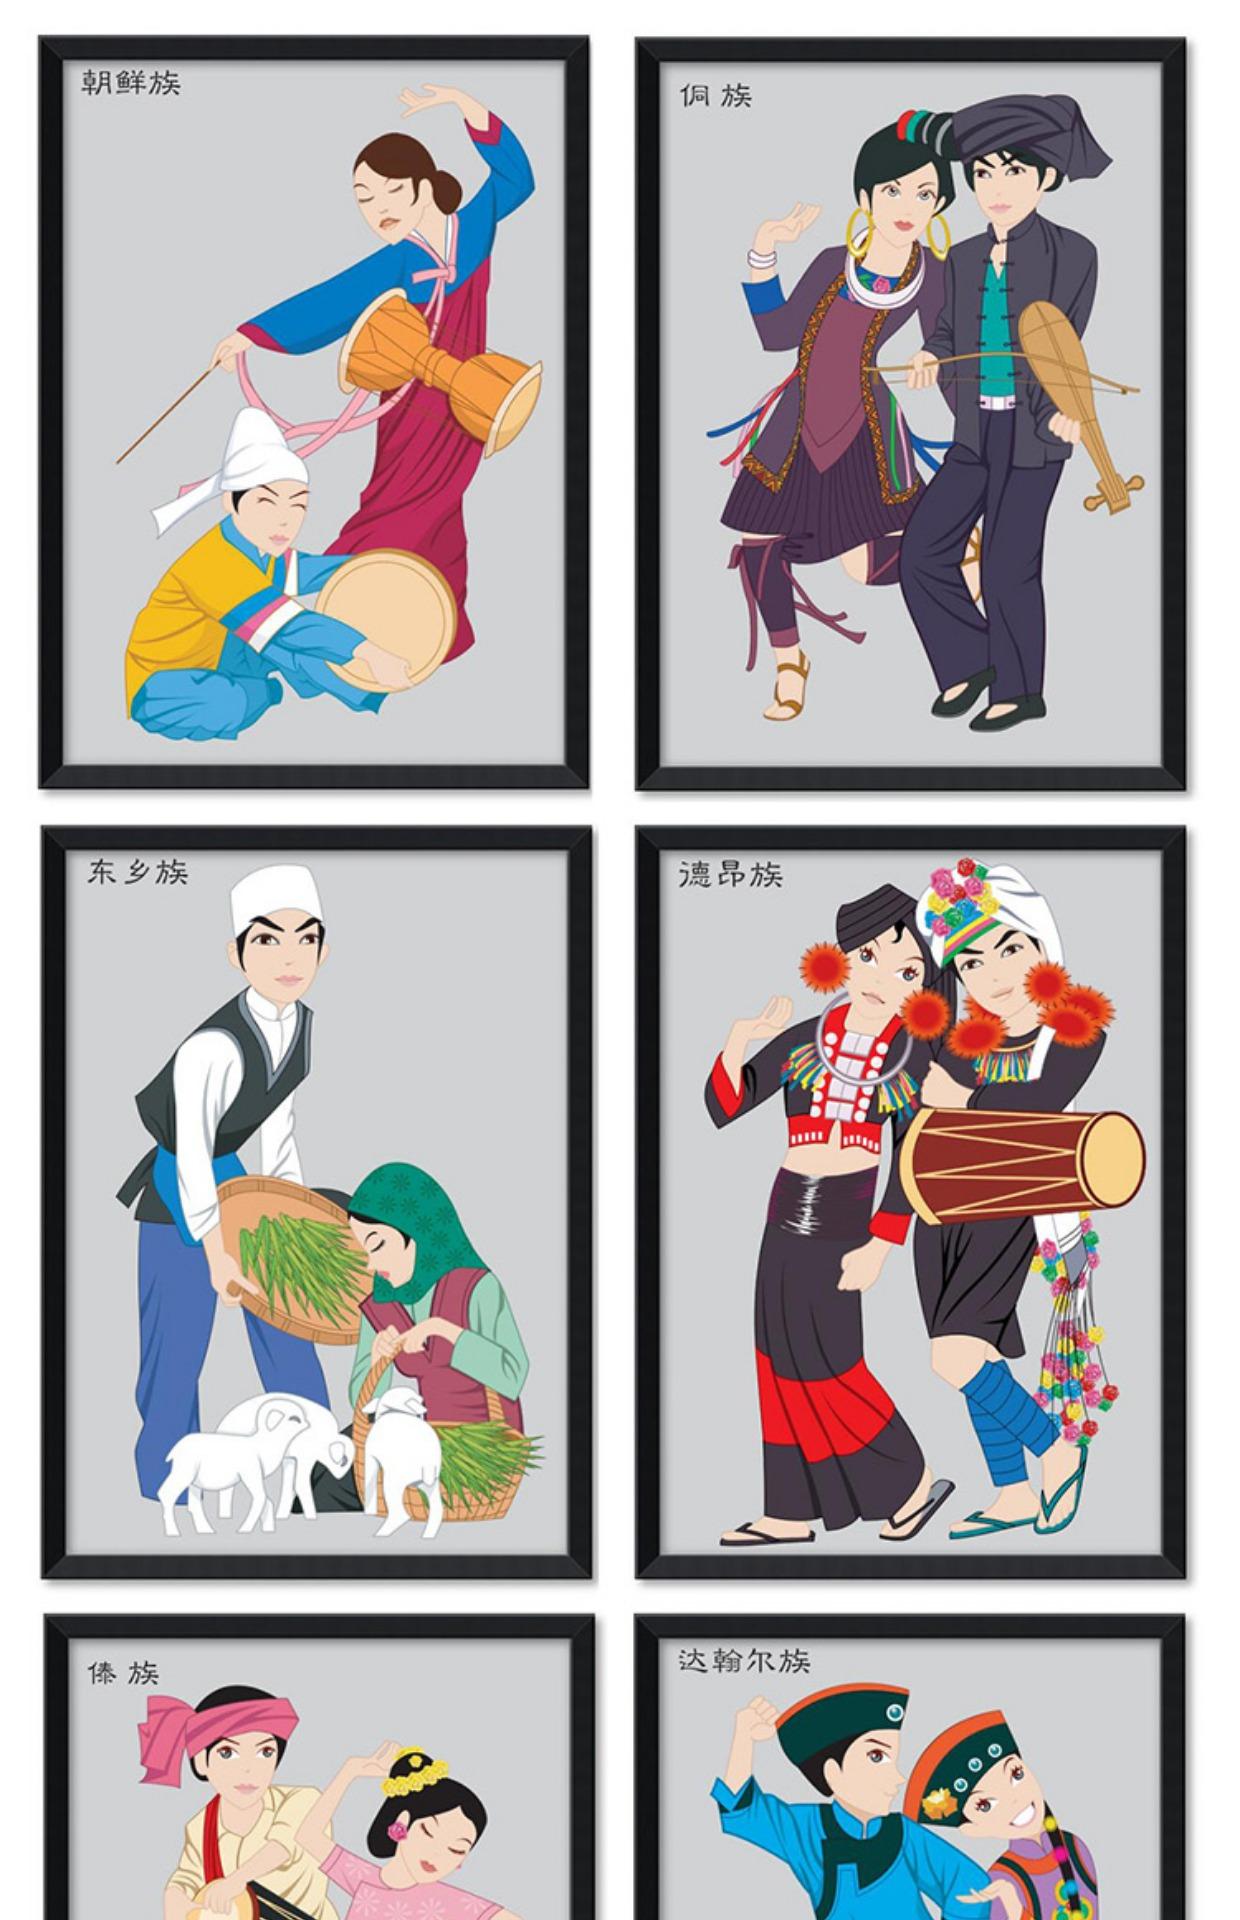 56个少数民族文化装饰画挂画幼儿园学校卡通人物服饰墙画壁画餐厅图片